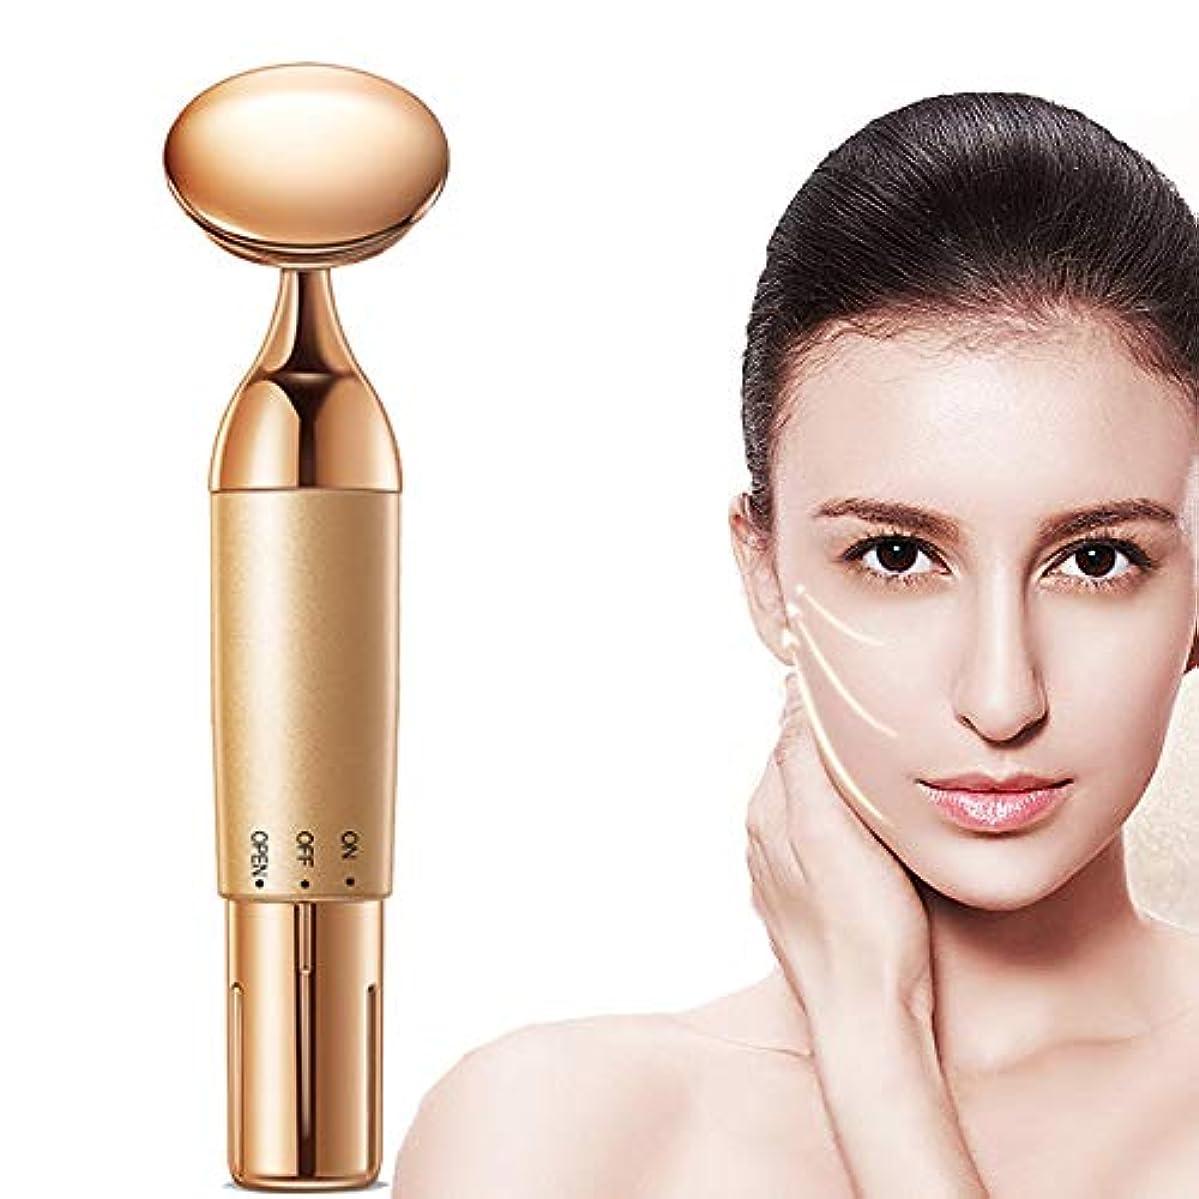 スキルいたずら輝度RF lifting device Facial beauty massager facial lifting firming wrinkle removal eye bags roller